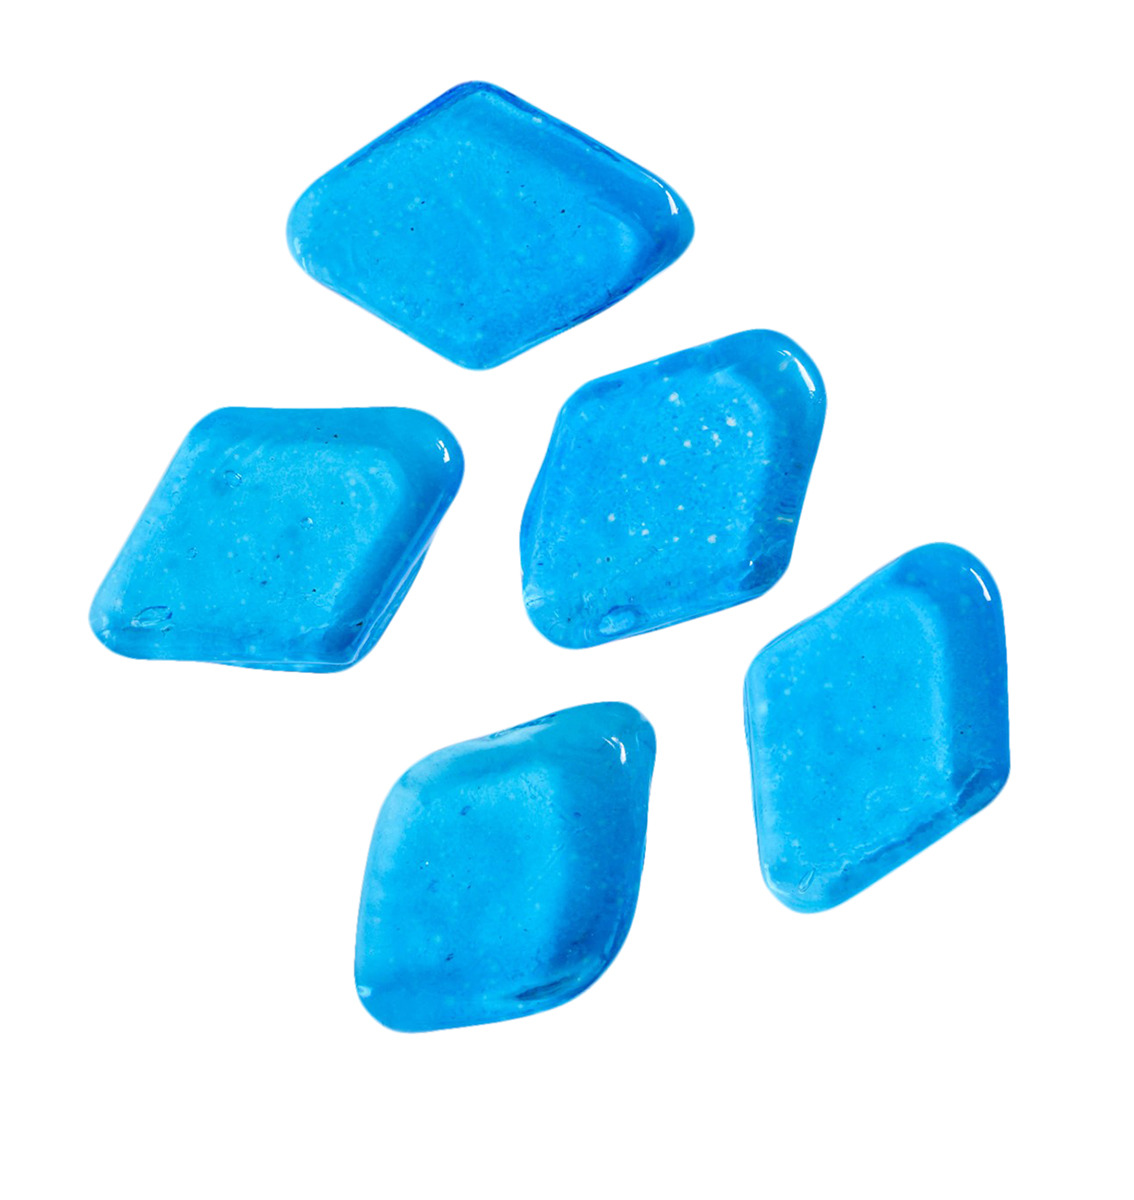 Фото - Декоративный наполнитель Evis Эльвинги, ромбики, 4048594, синий, 700 г megir синий цвет 40